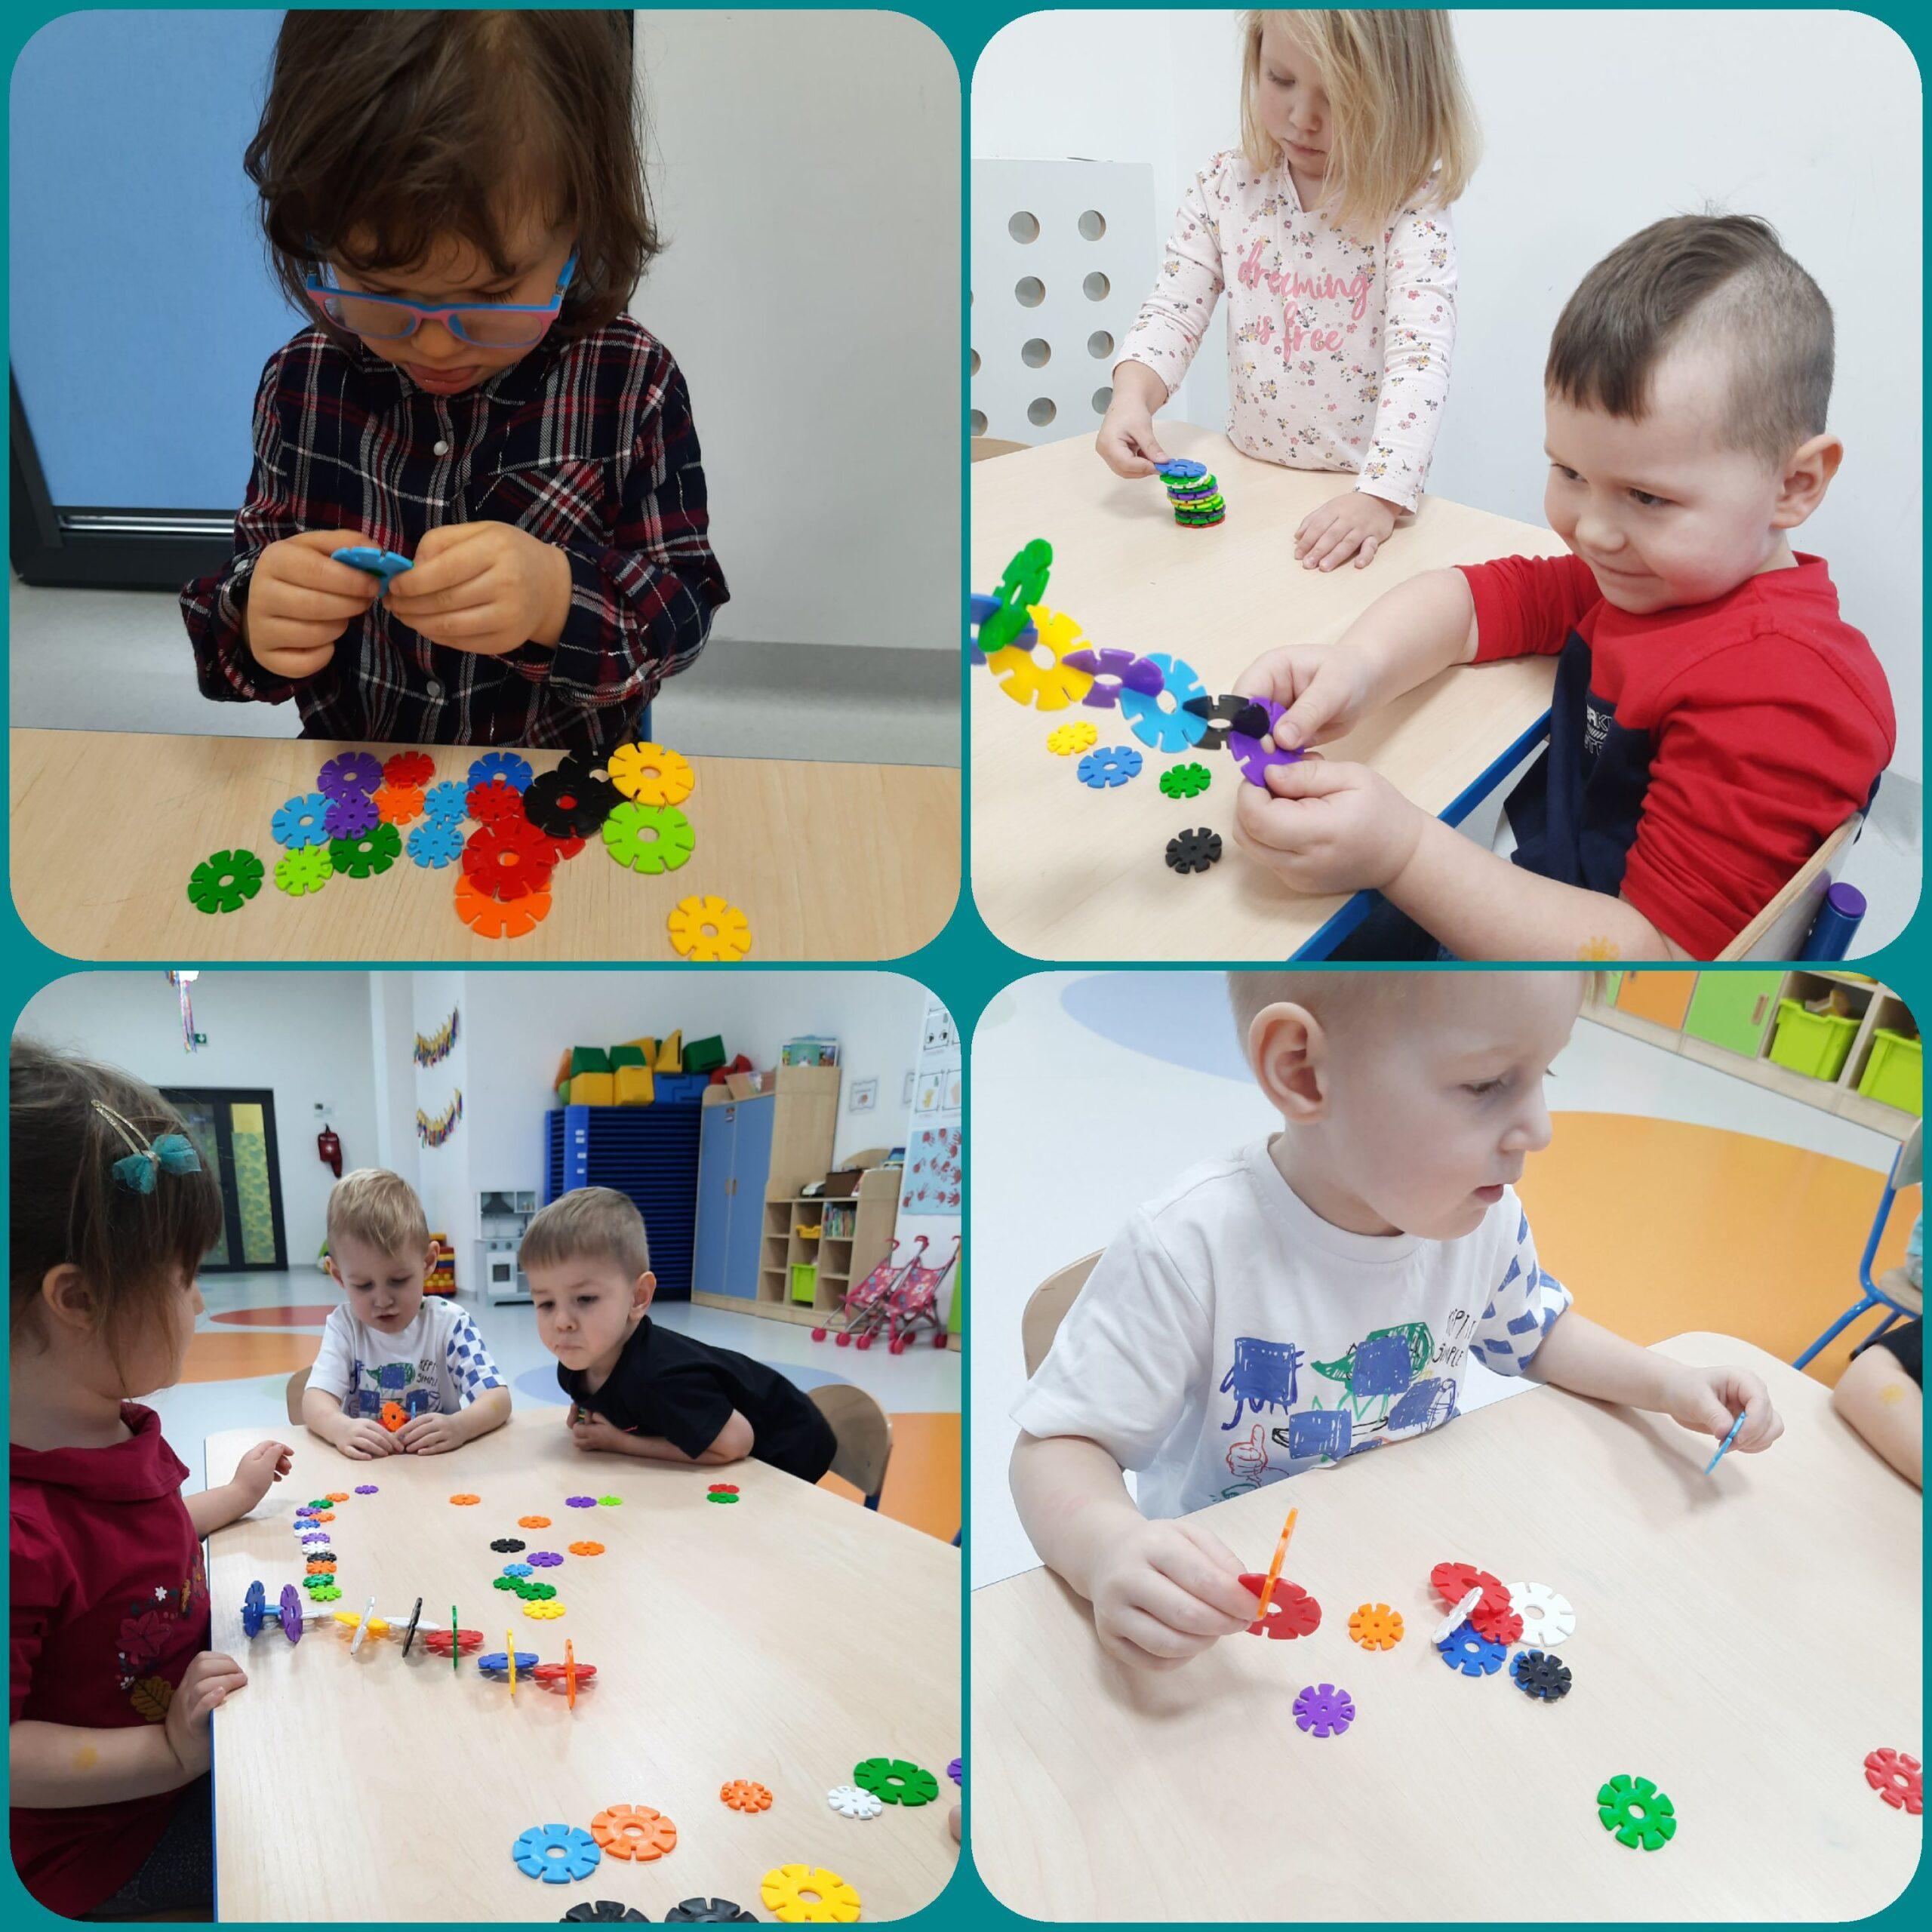 kolaż zdjęć przedstaiąjący dzieci podczas zabaw konstrukcyjnych